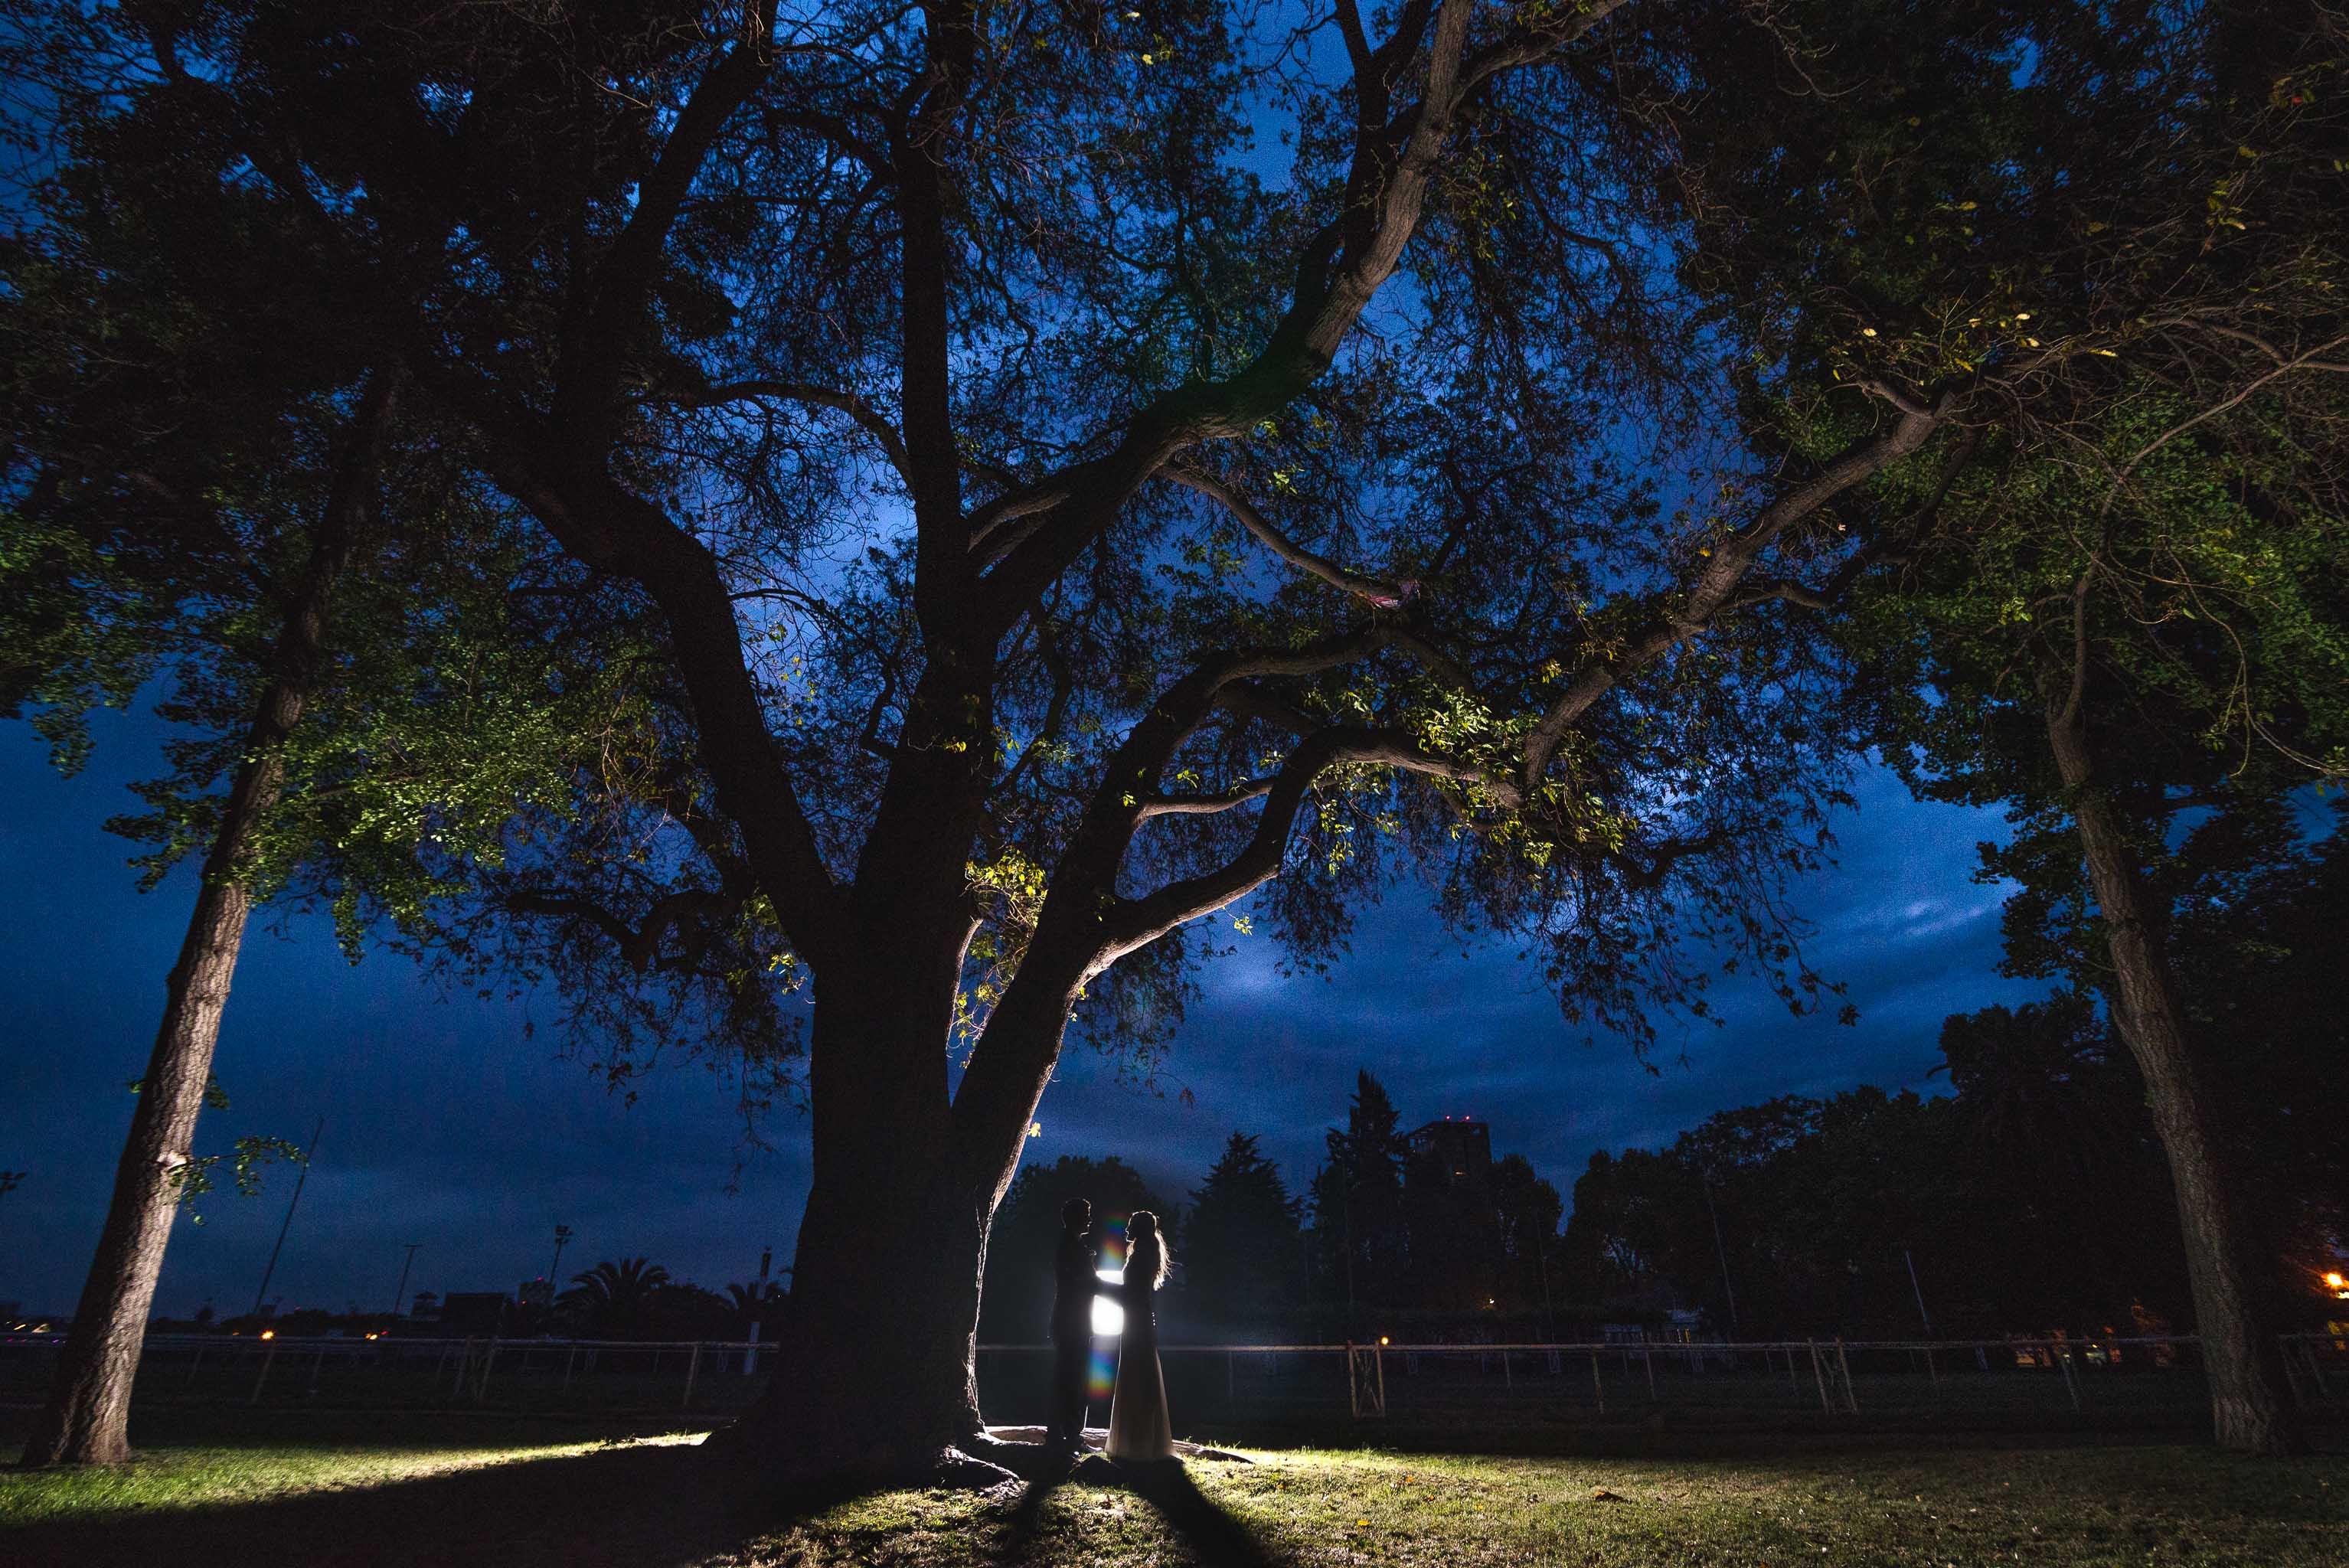 fotografo de matrimonios santiago- fotografo documental de matrimonios-club hipico-sesion